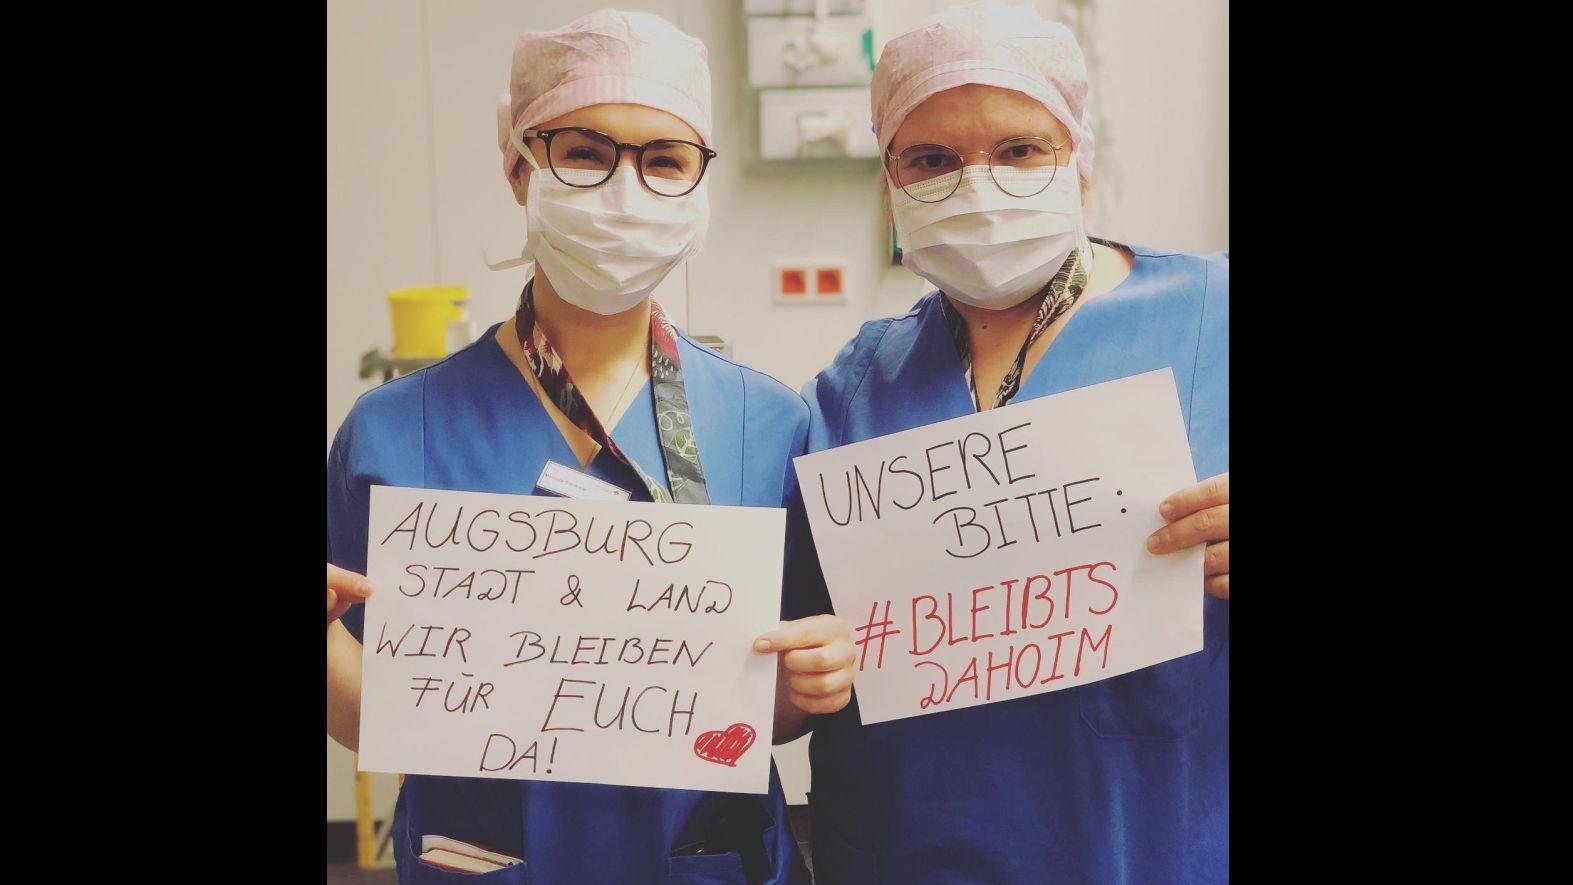 """Krankenschwestern mit Schildern in der Hand, auf denen steht: """"Wir bleiben für euch da. Unsere Bitte: Bleibts dahoim!"""""""